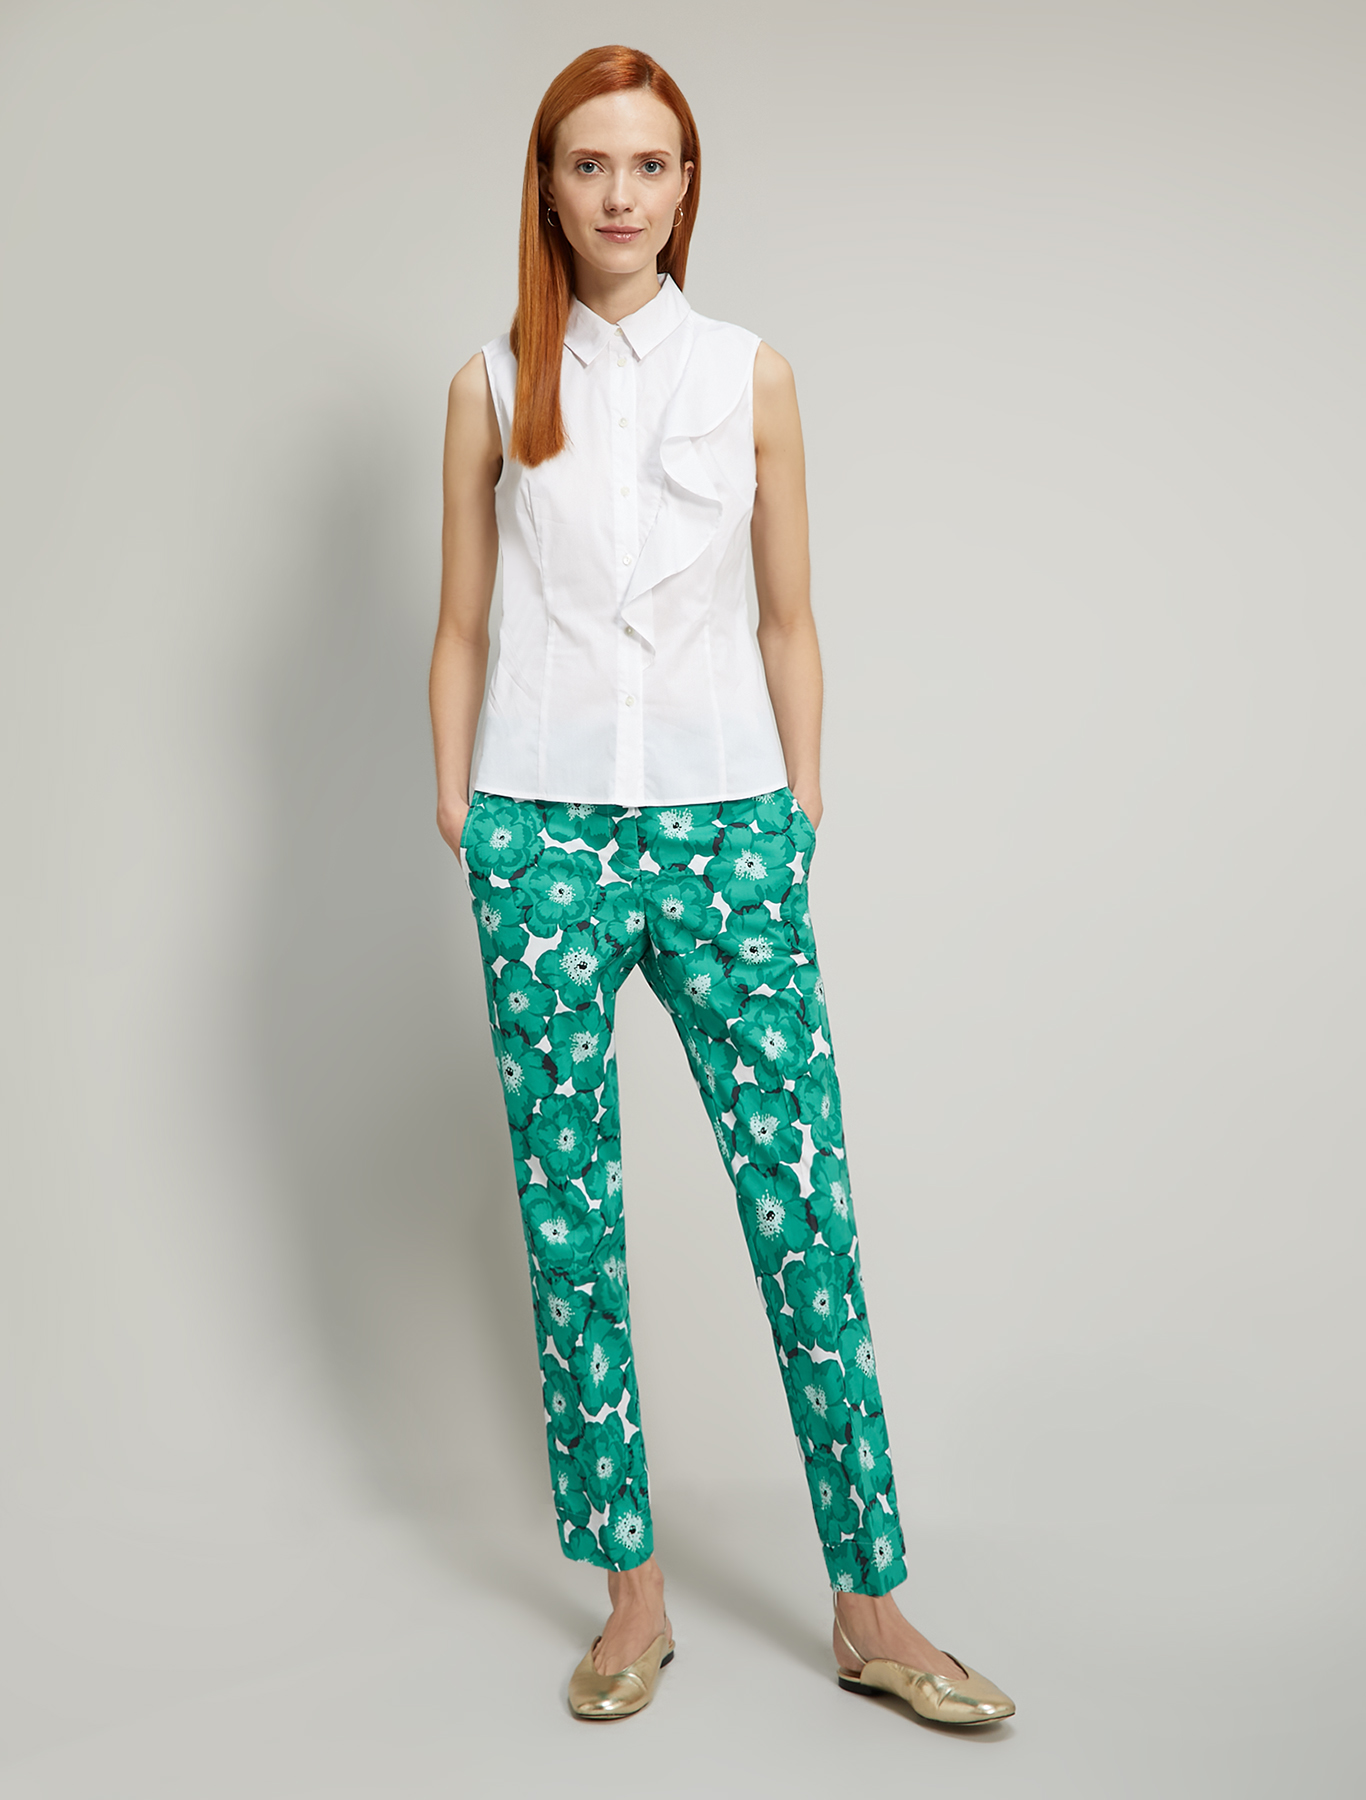 Floral poplin trousers - emerald green pattern - pennyblack